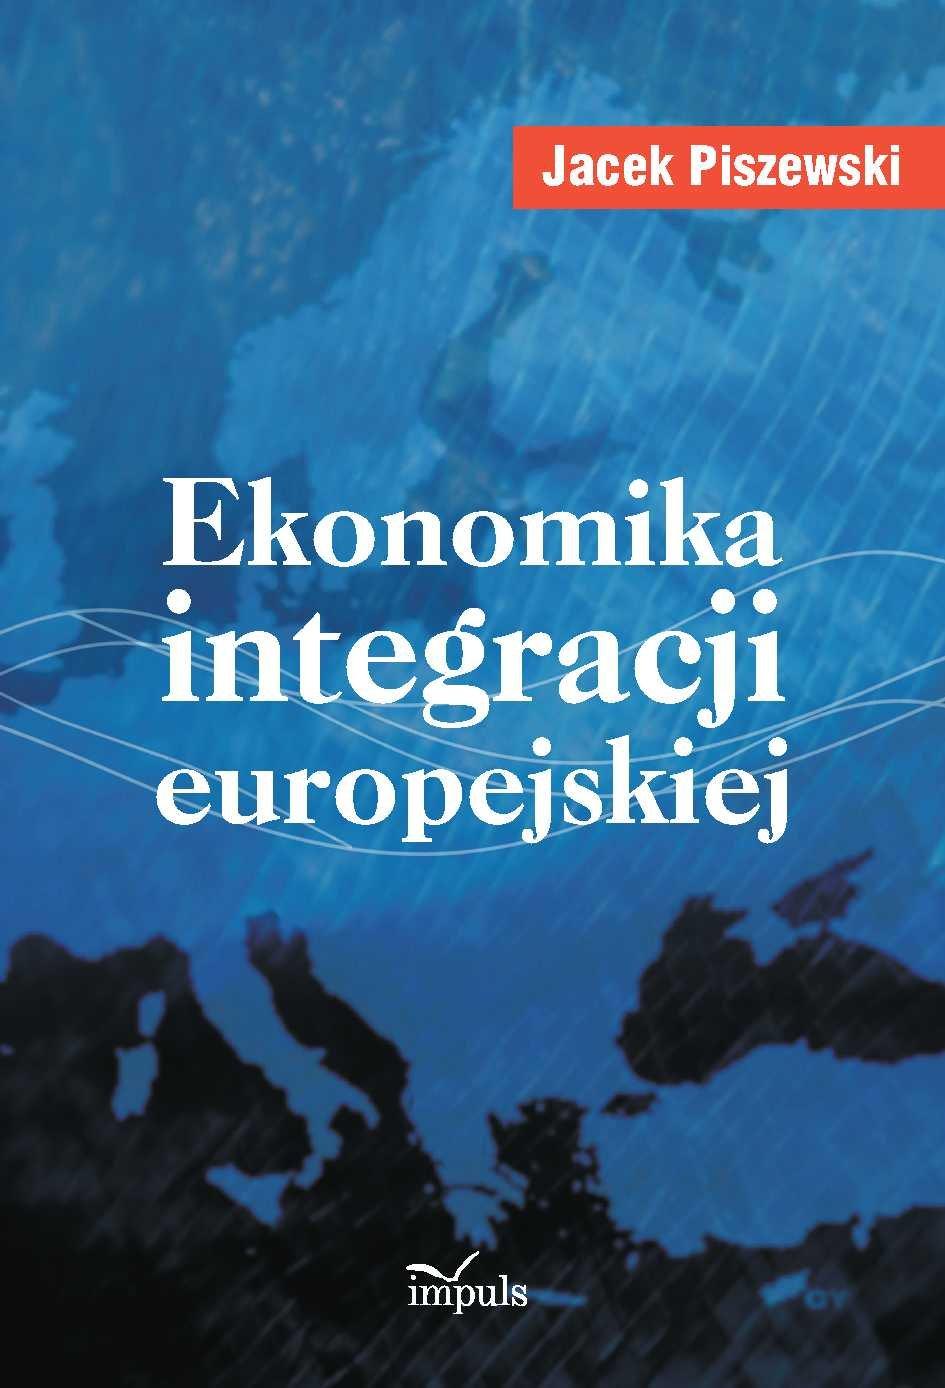 Ekonomika integracji europejskiej - Ebook (Książka PDF) do pobrania w formacie PDF